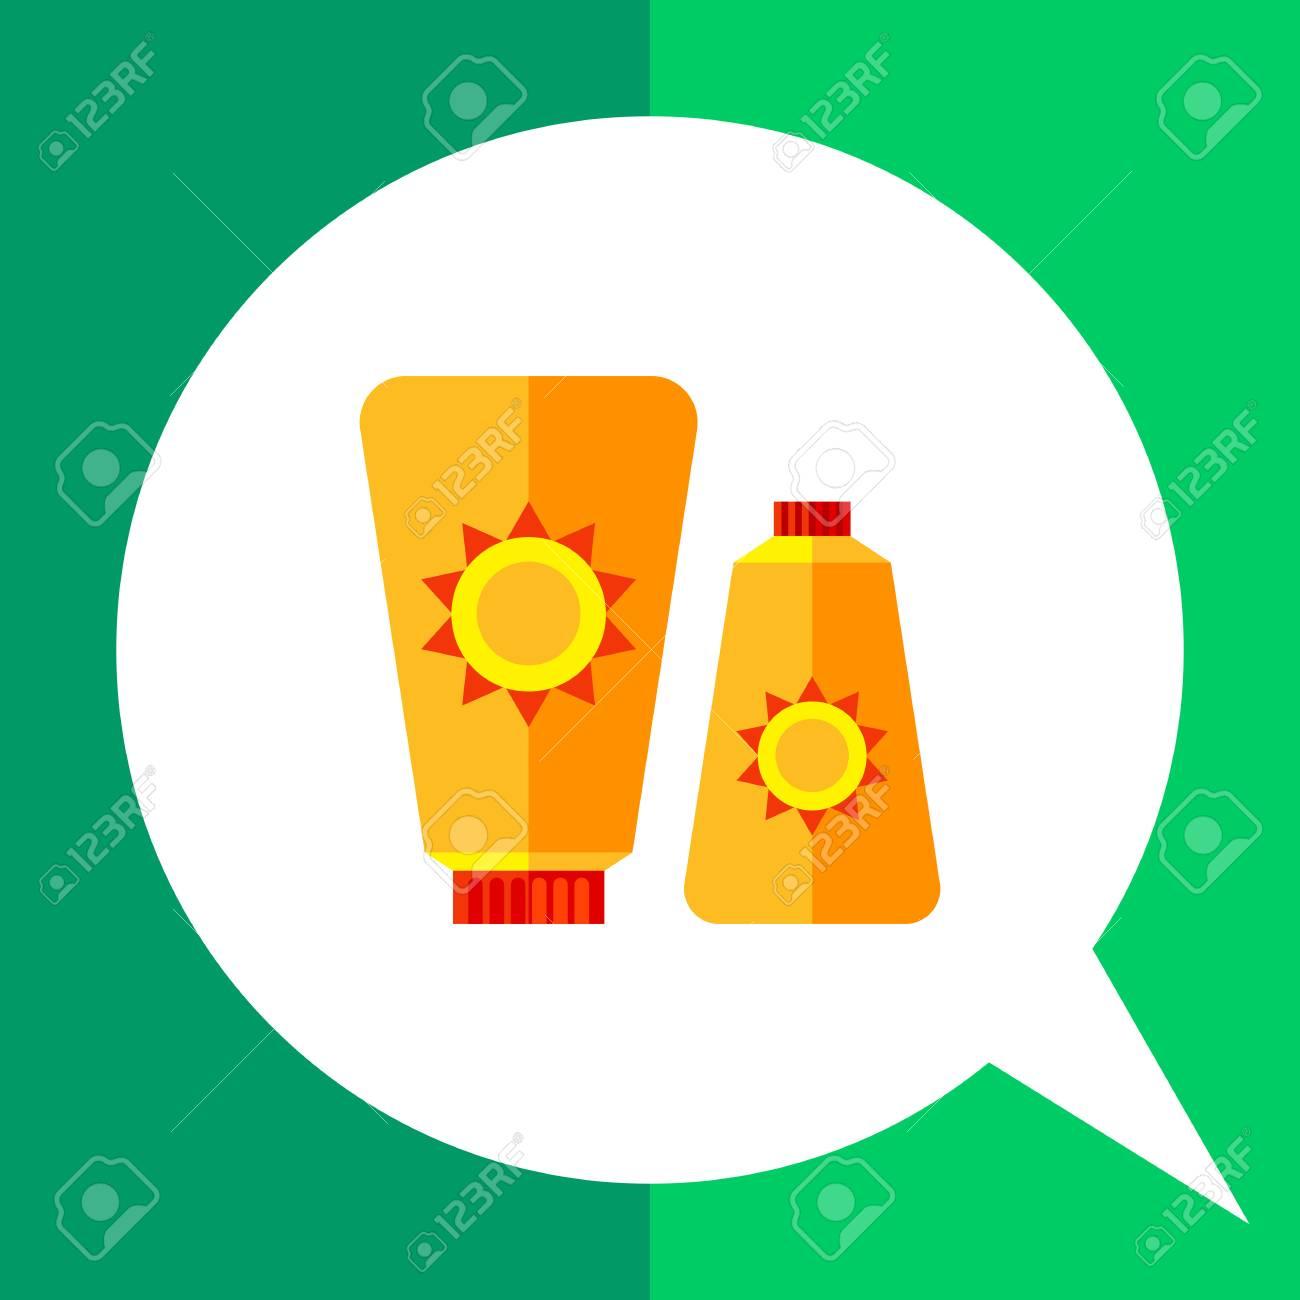 日焼け止めクリームのアイコン太陽記号で 2 つのスキン クリーム